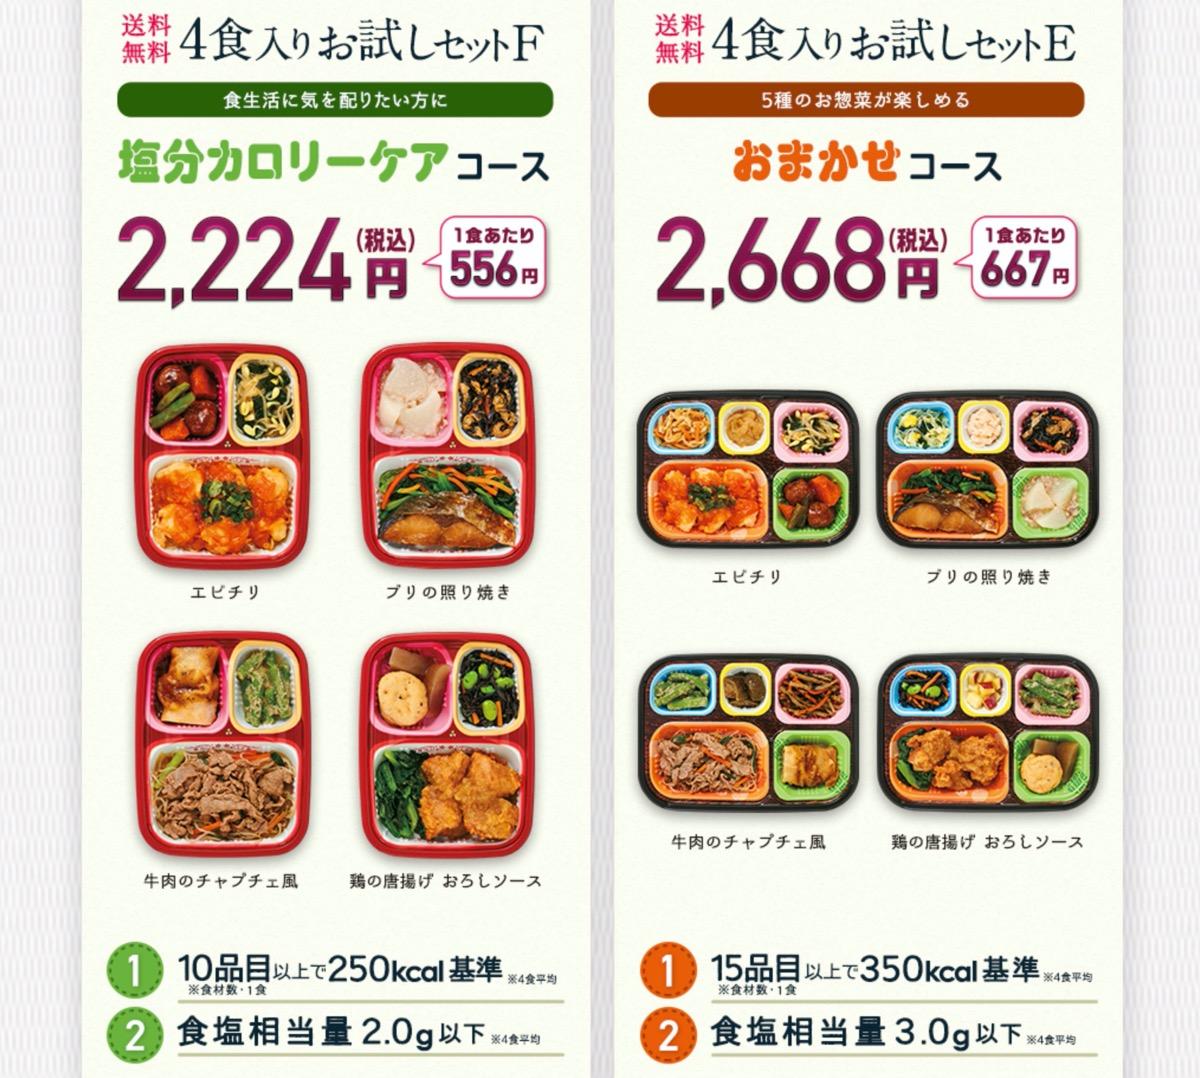 ワタミの宅食 注文方法